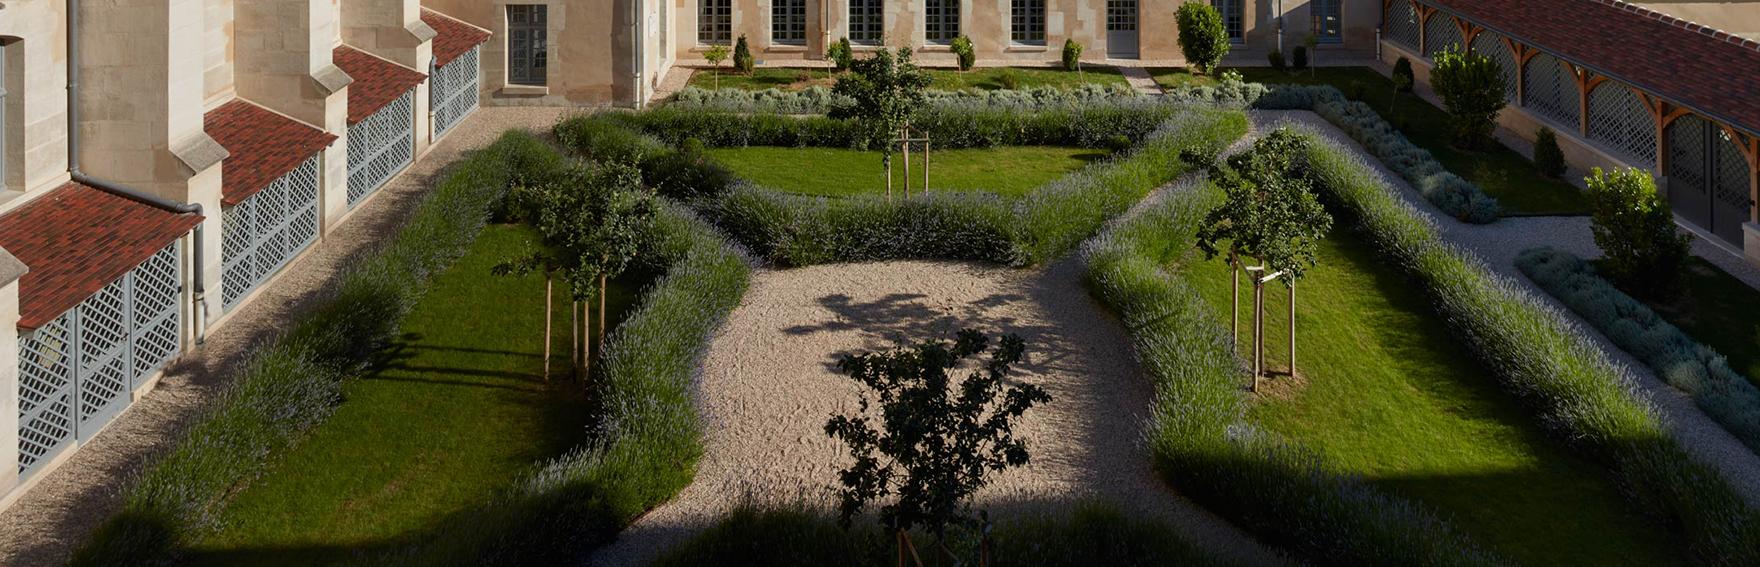 jardins de Laennec au 40 rue de Sèvres